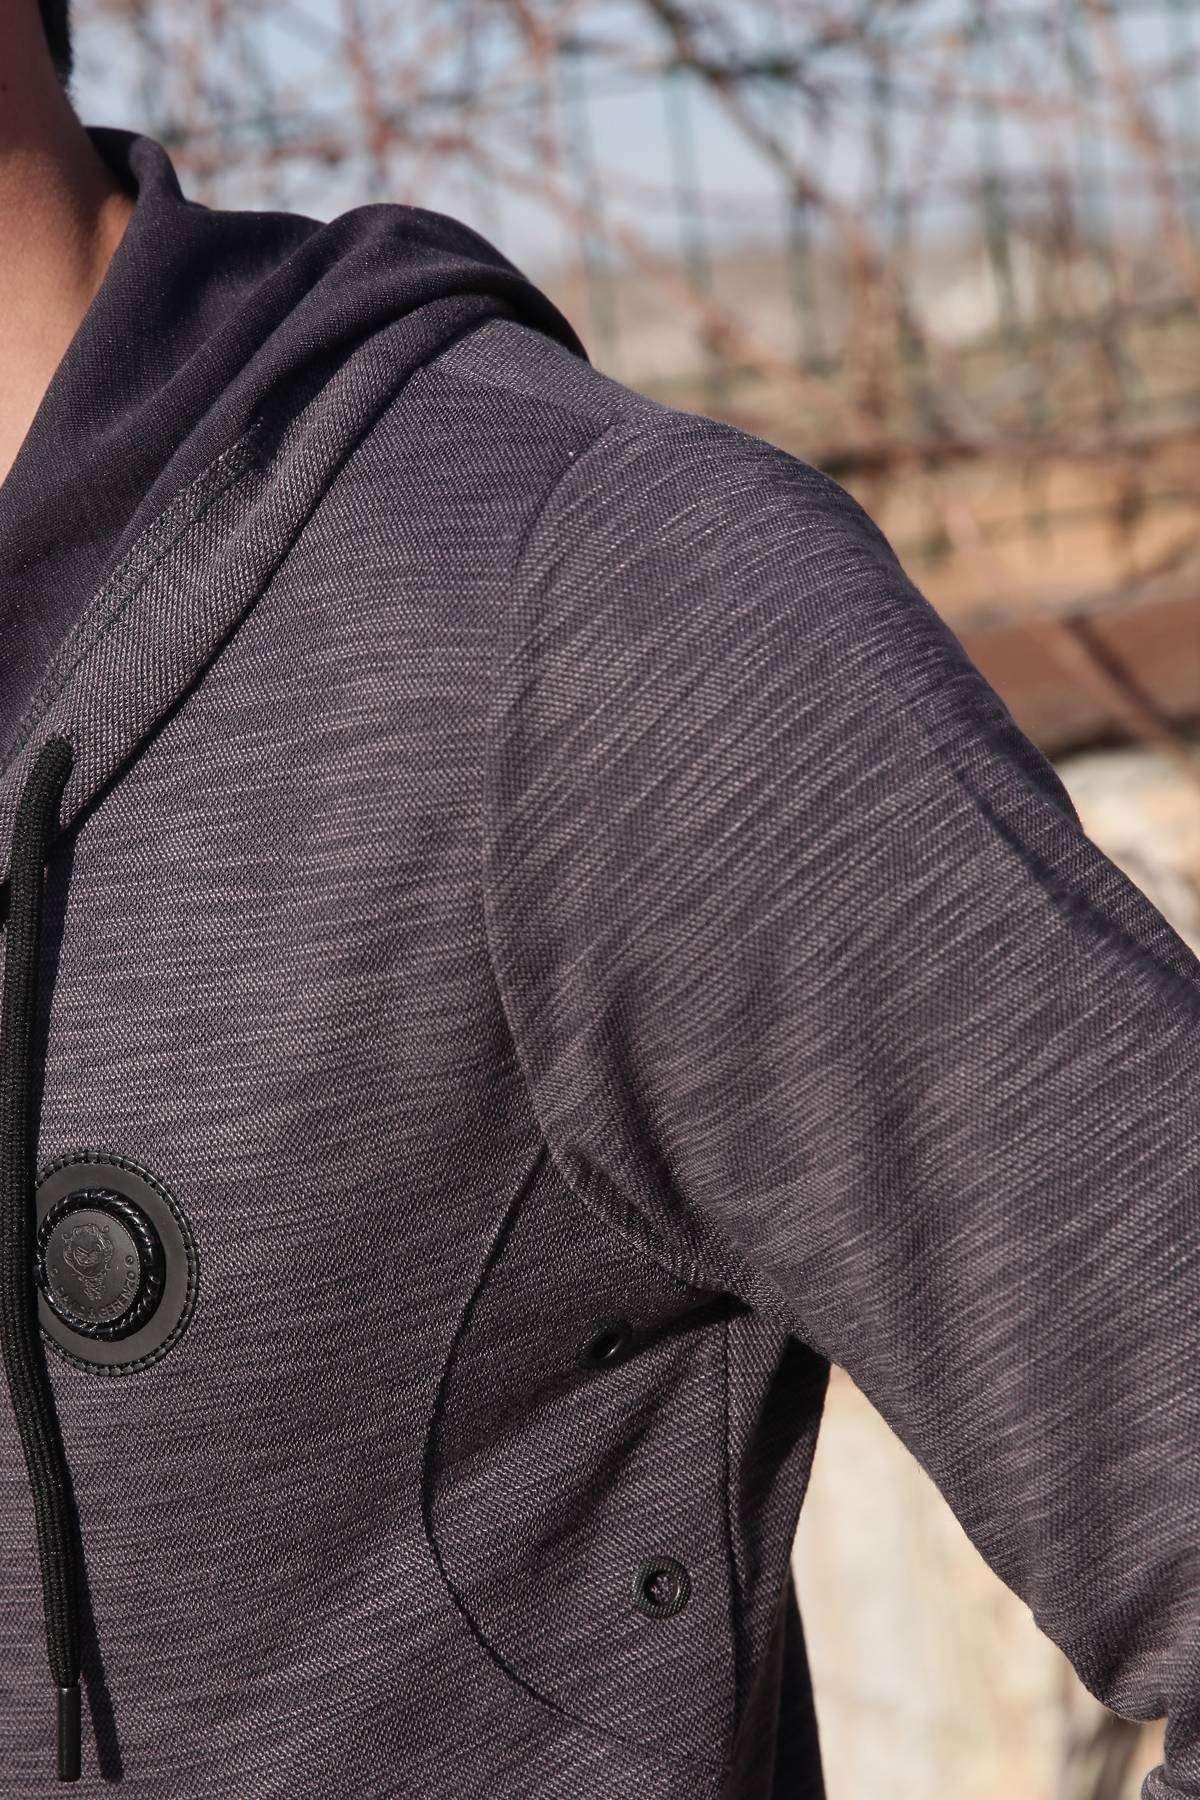 Süs Düğmeli Kapşonlu Sweatshirt Füme